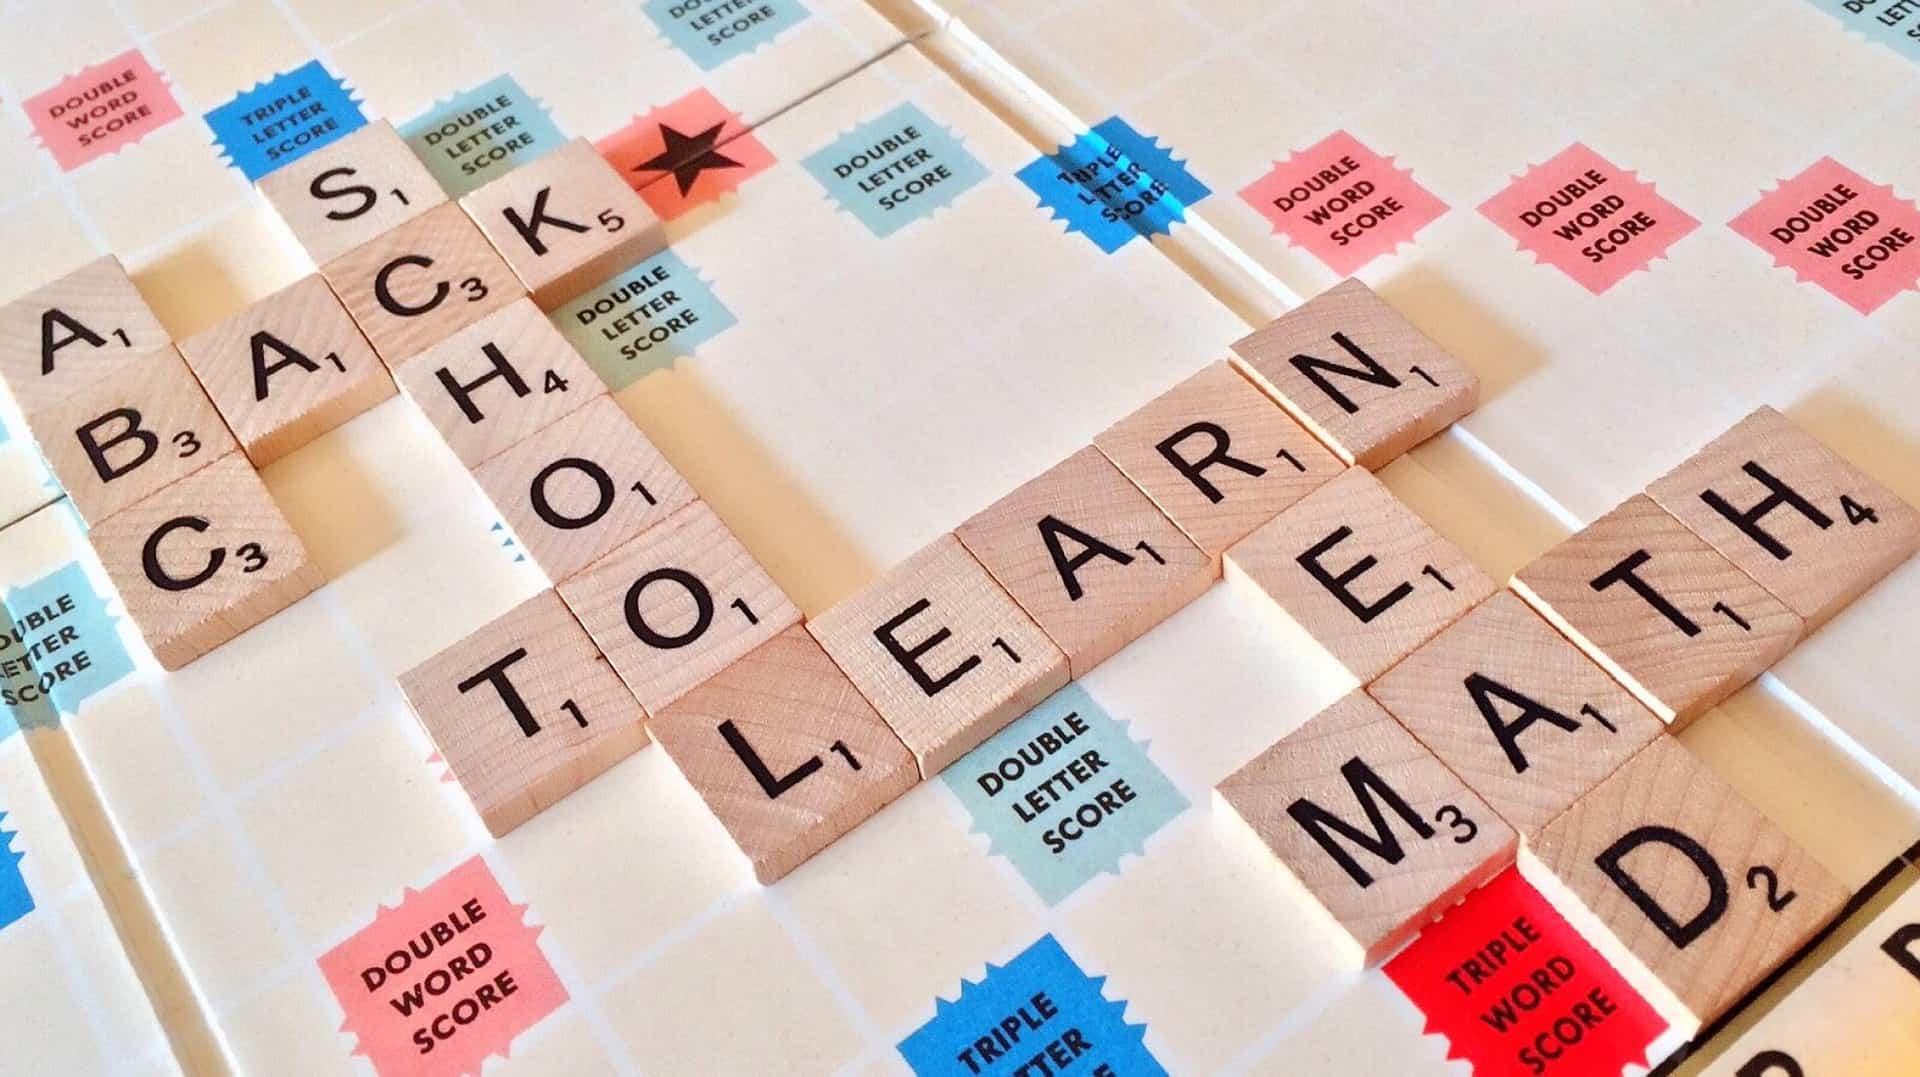 imagem ilustrativa de um jogo no qual várias peças com letras formam palavras.